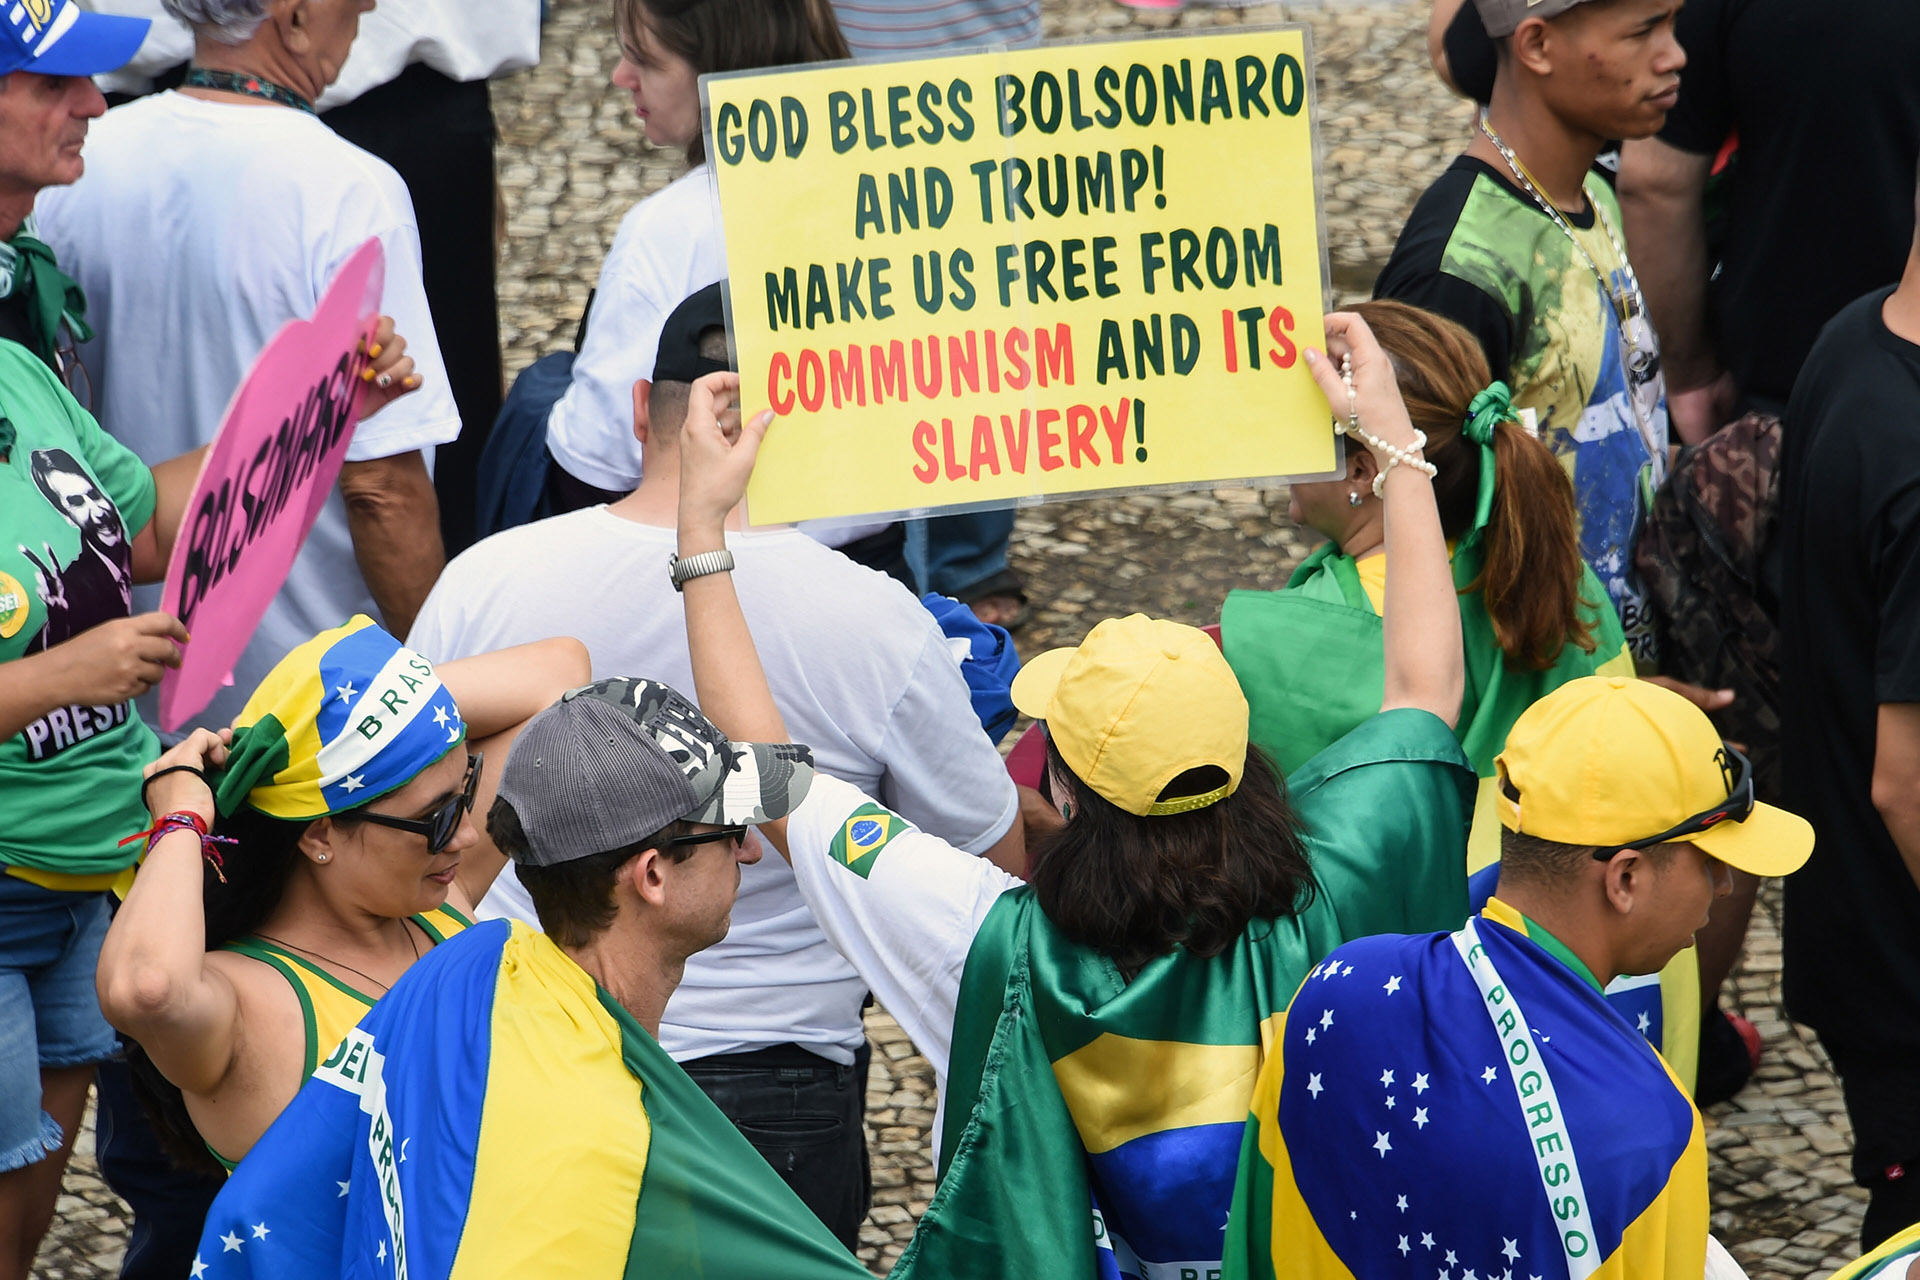 """""""Dios bendiga a Bolsonaro y a Trump. Libérennos del comunismo y de su esclavitud"""", dice otro cartel (EVARISTO SA / AFP)"""